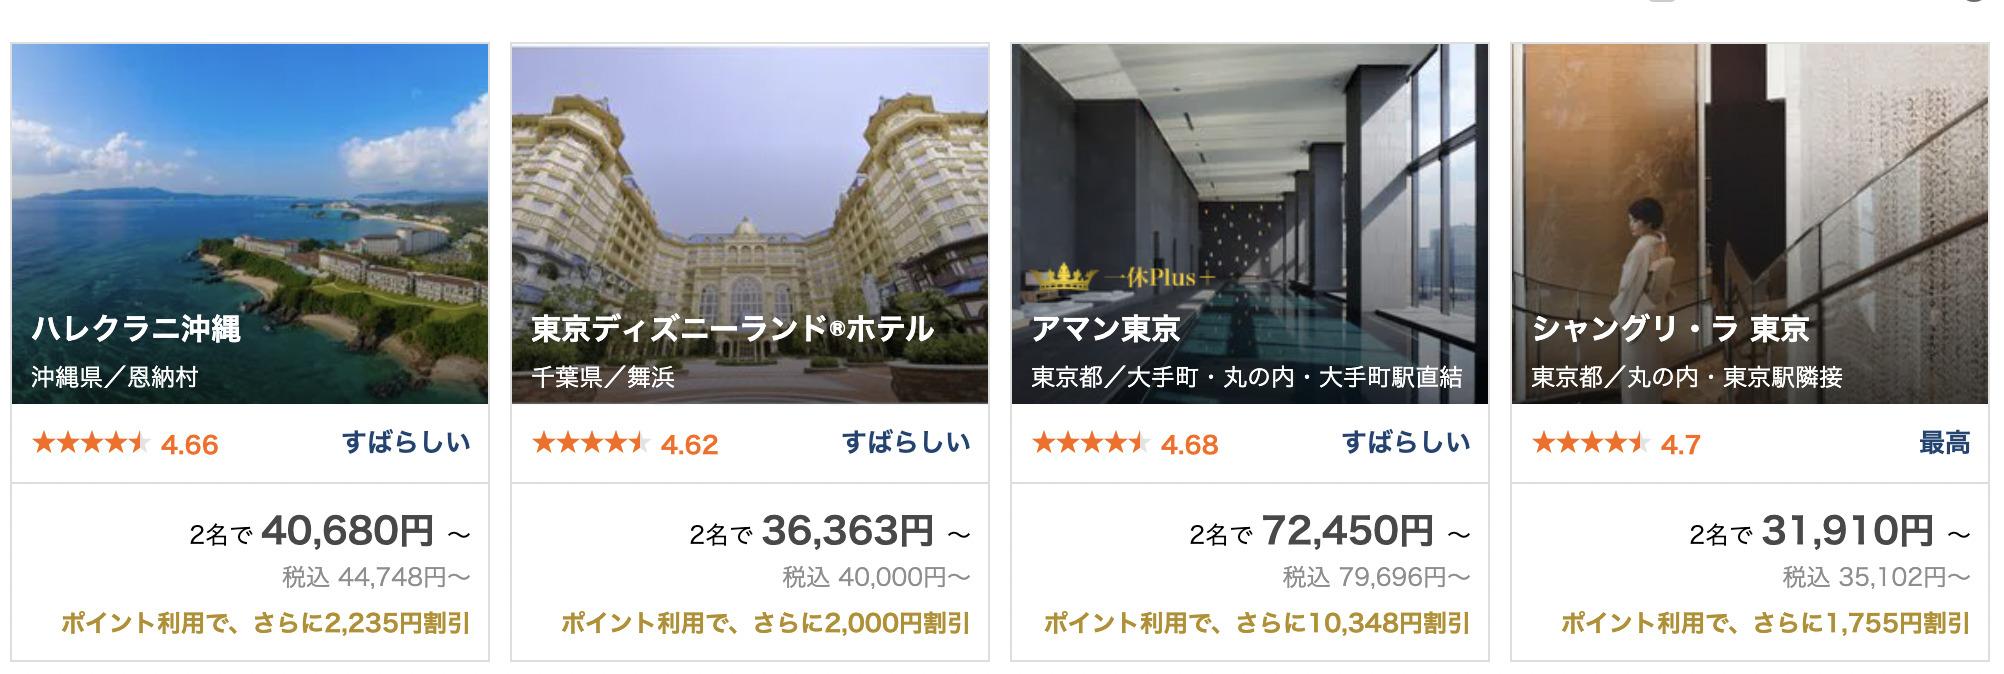 一休.com 高級ホテル